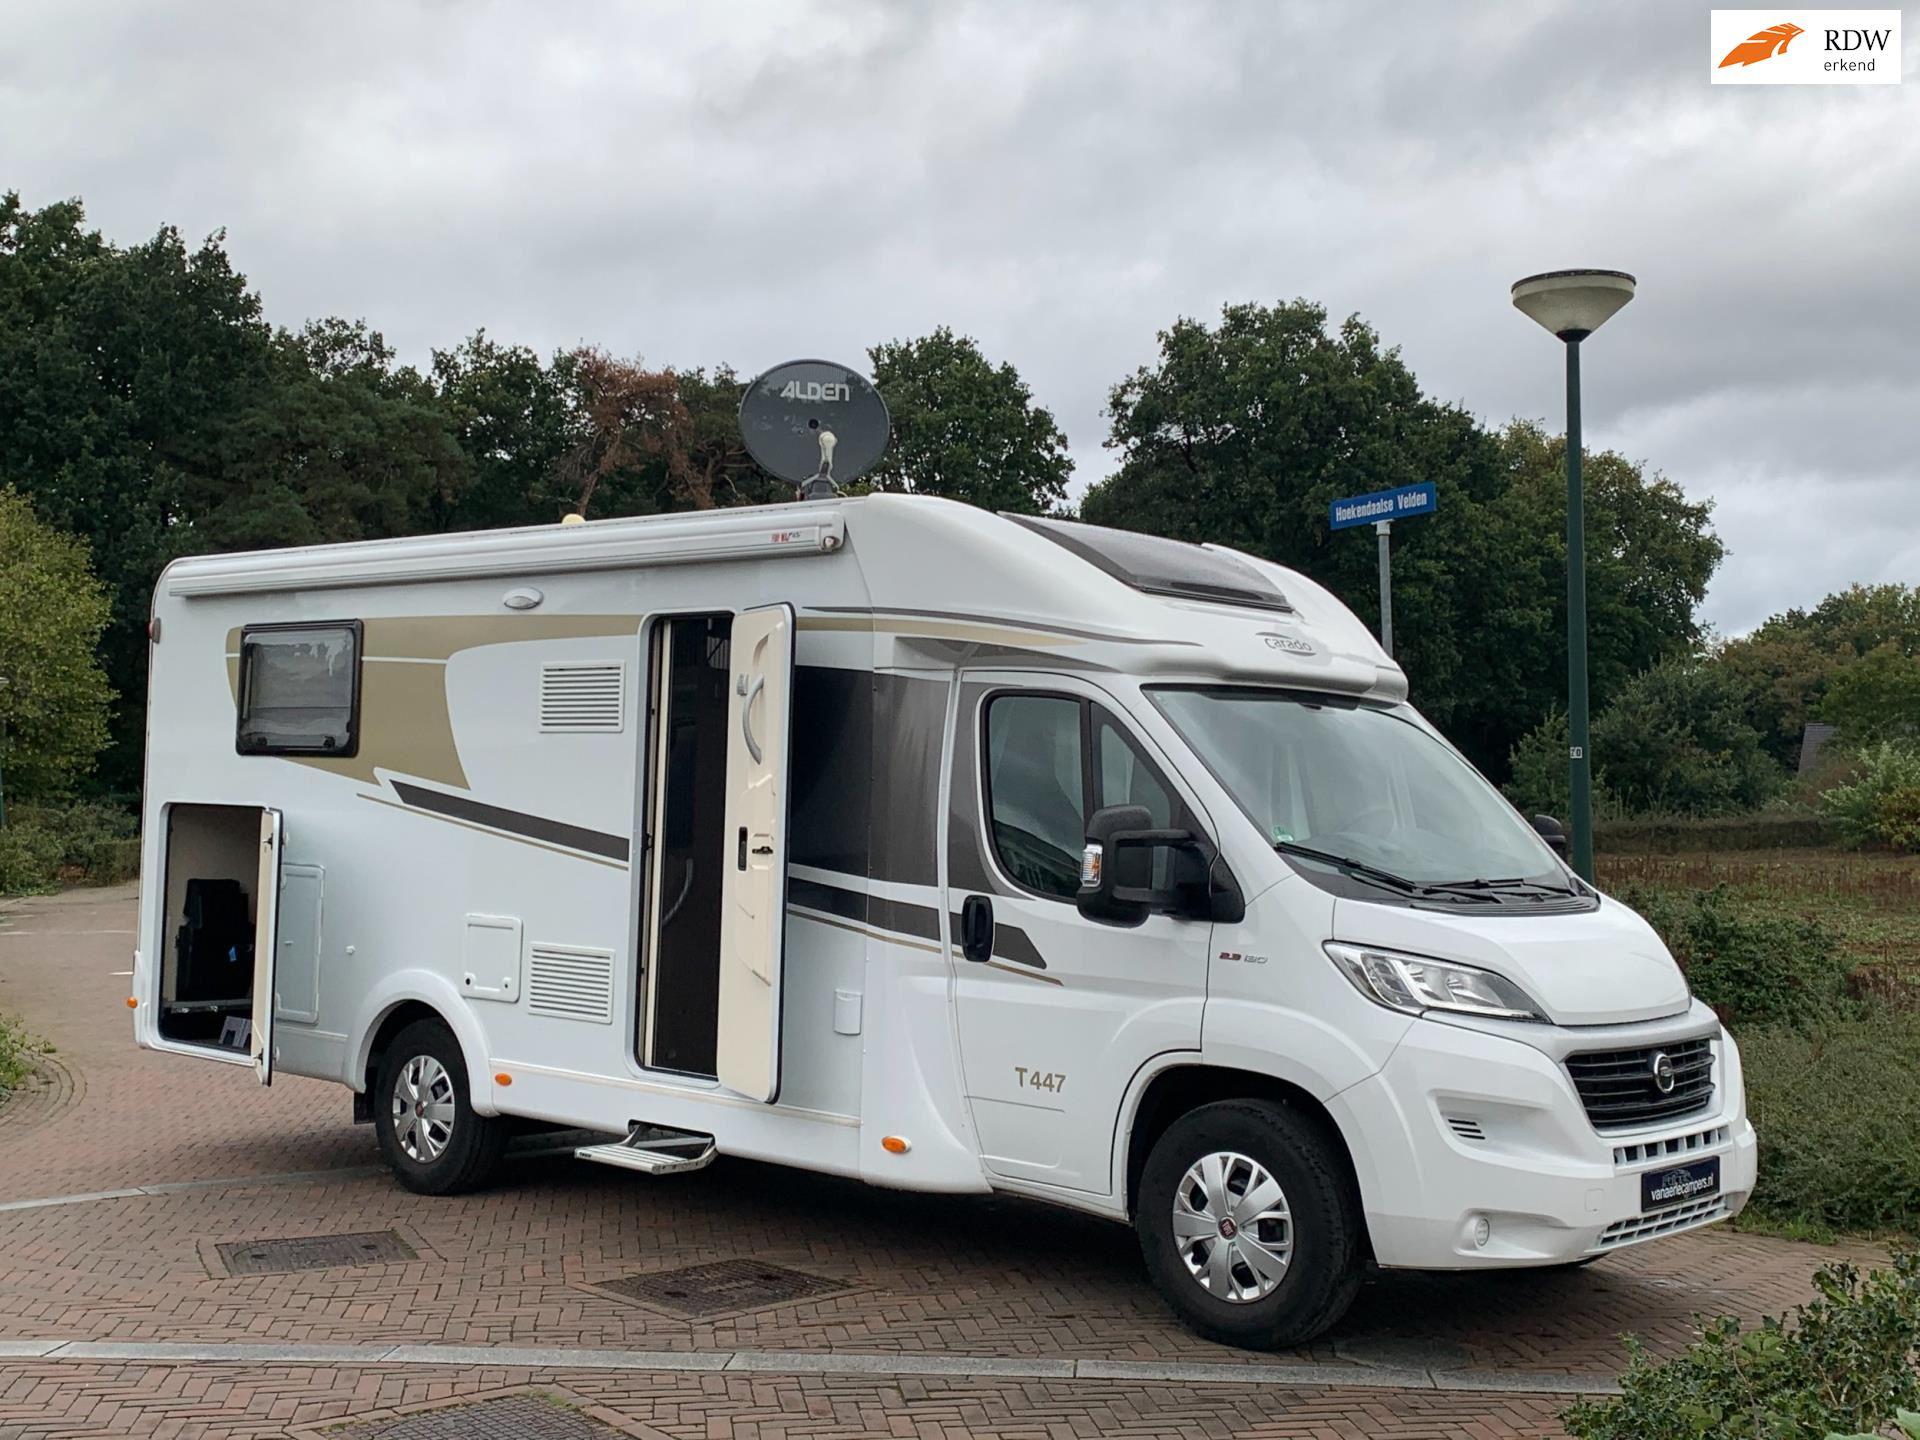 Hymer Carado T 447-Enkele bedden-2018-Bomvol-Nieuwstaat-1e Eig. occasion - Eric van Aerle Auto's